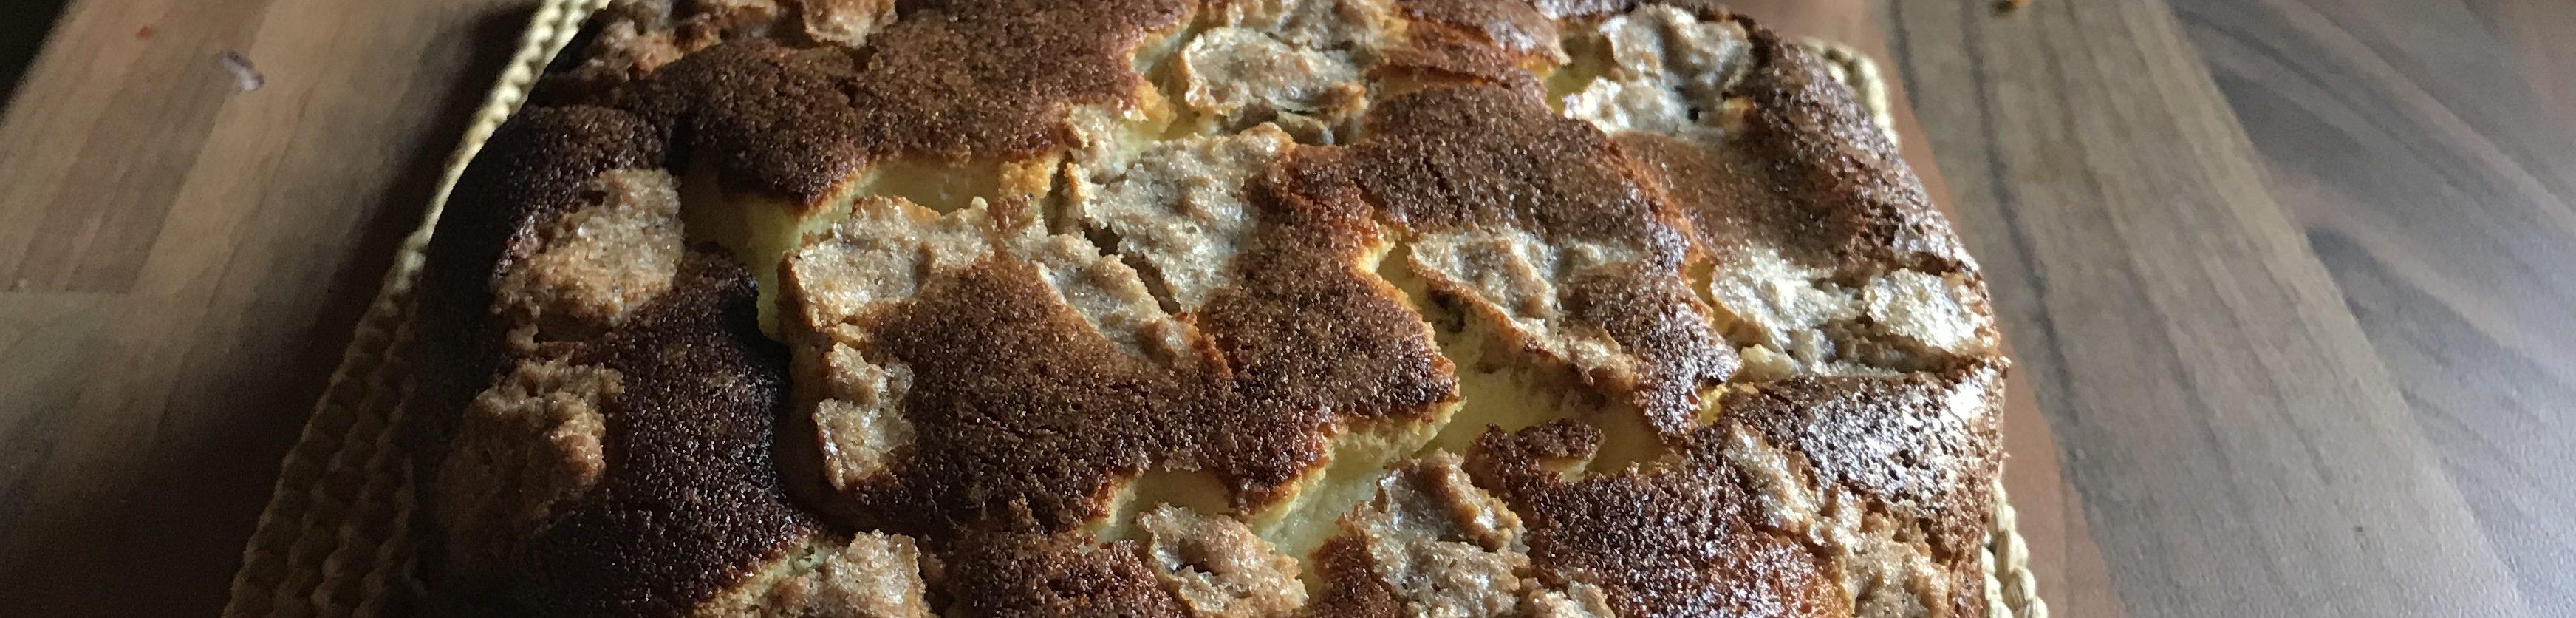 Zupfkuchen (Muffins)